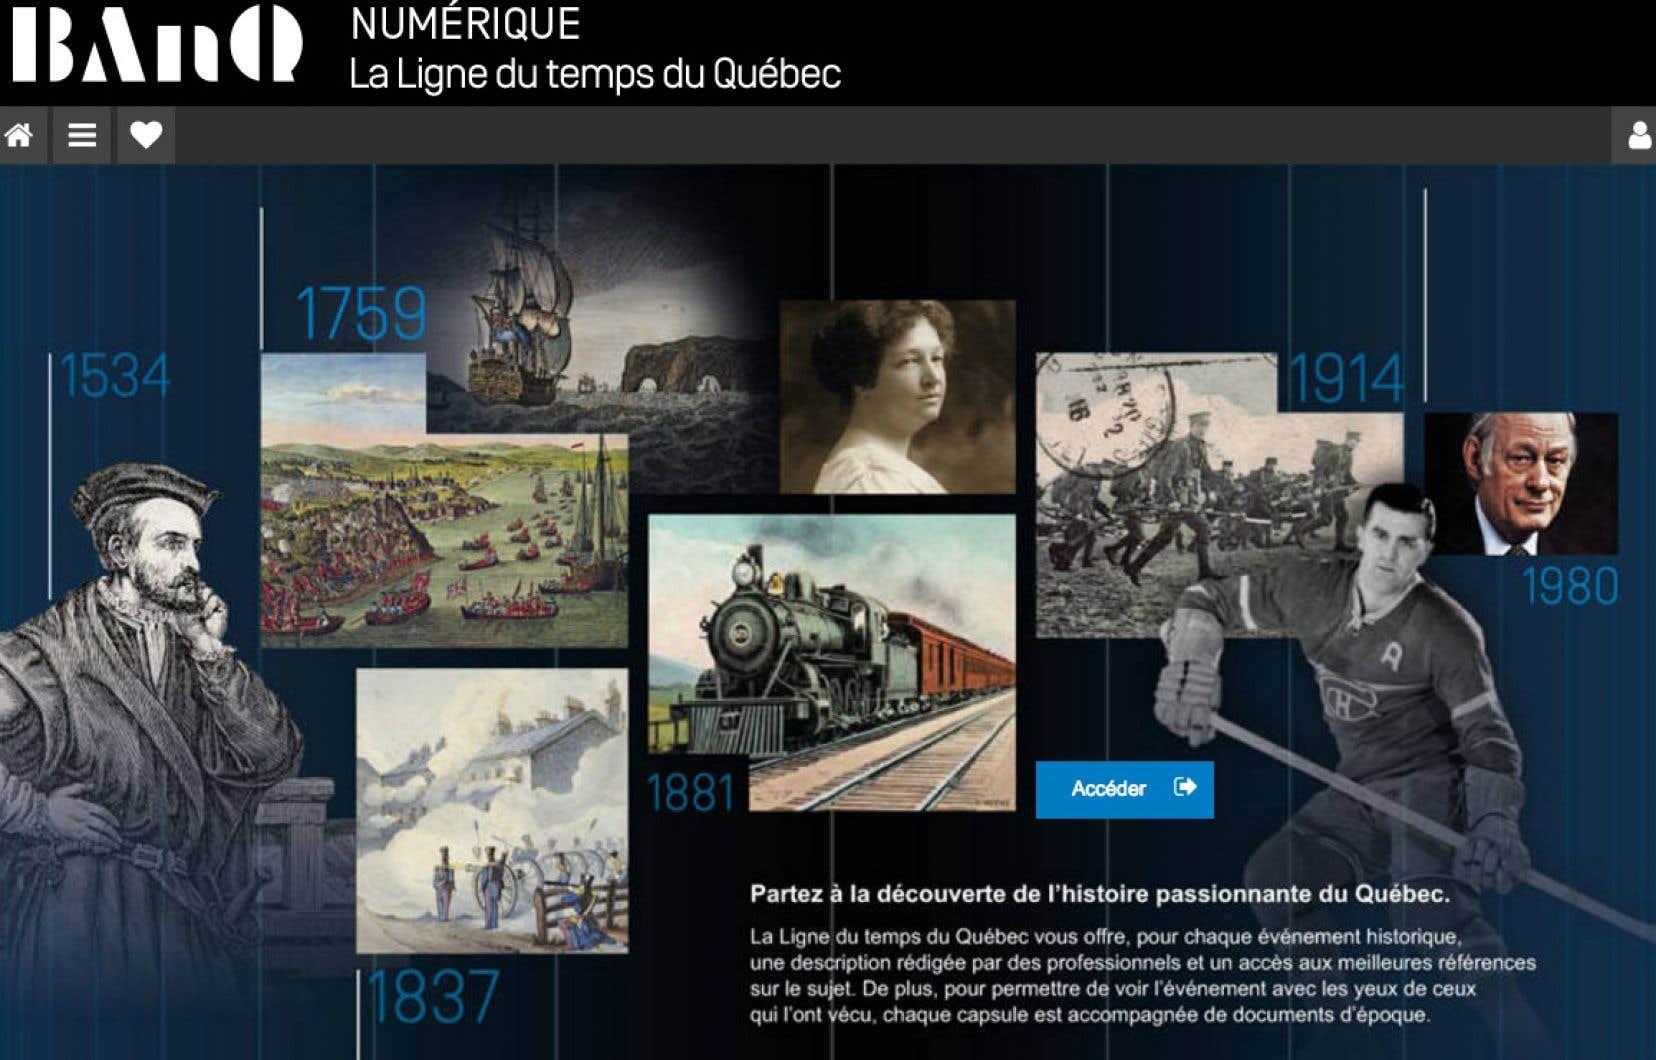 Bibliothèque et Archives nationales du Québec a utilisé la technologie numérique pour mettre en ligne 300 capsules qui permettent de visiter l'histoire du Québec.